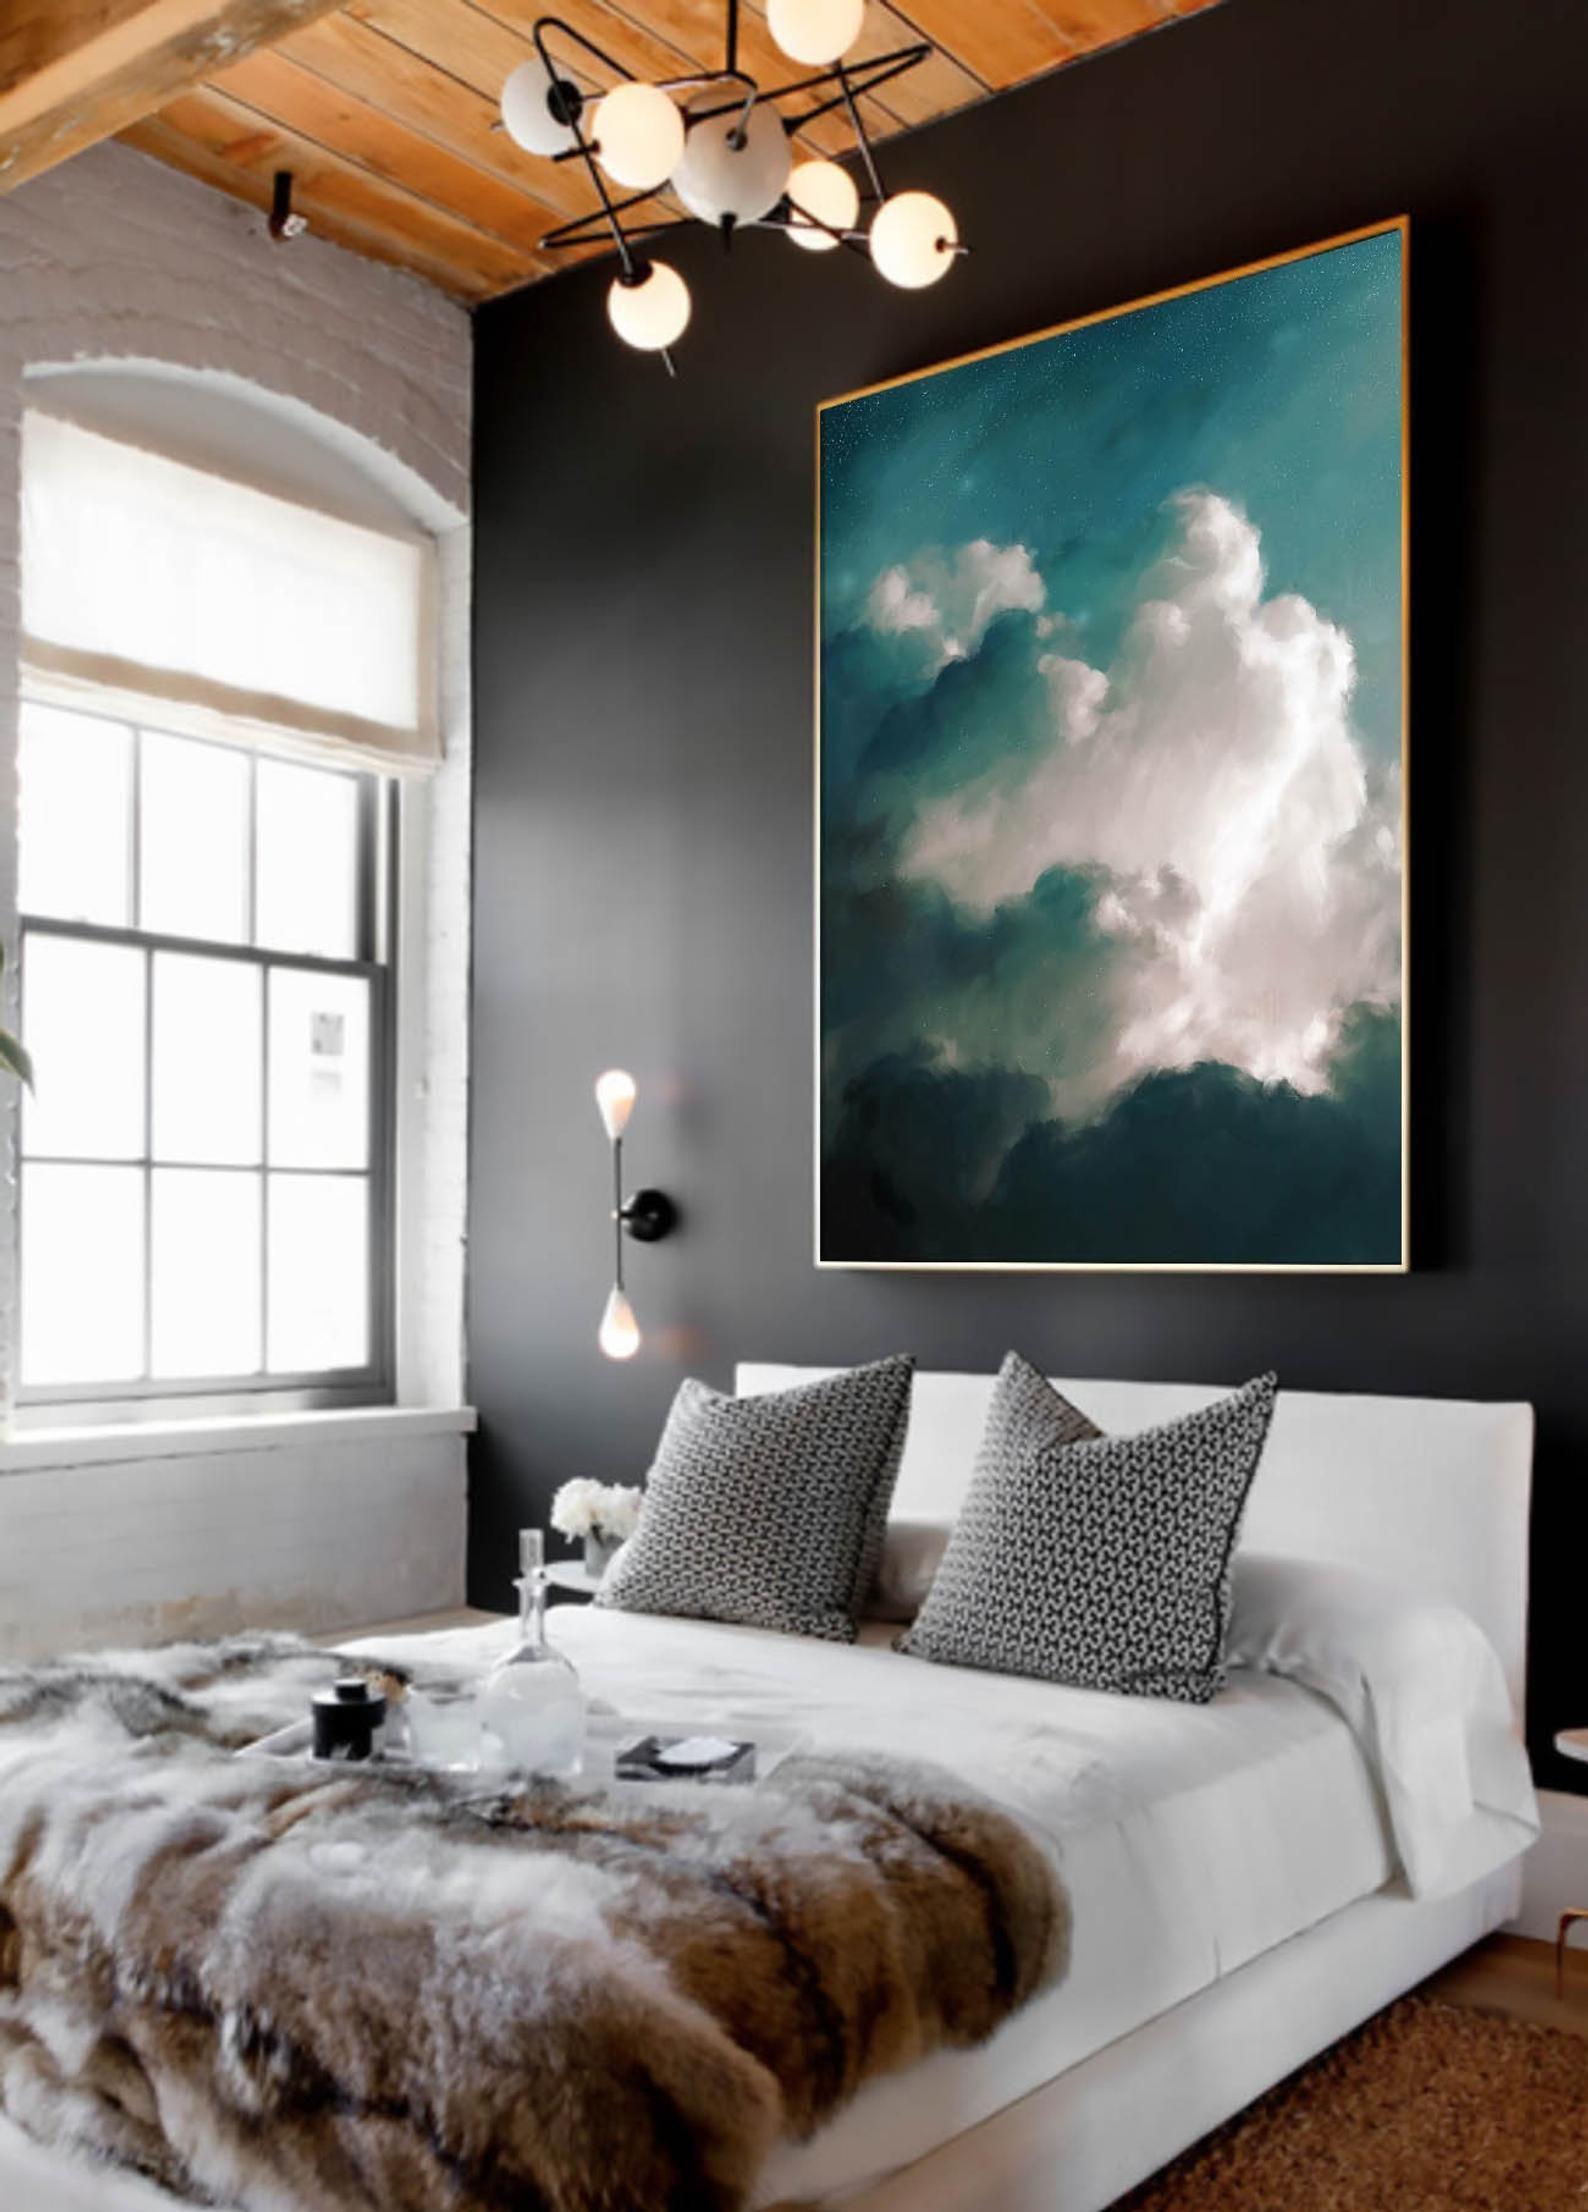 Stylish Master Bedroom Decorating Ideas Extra Large Canvas Art